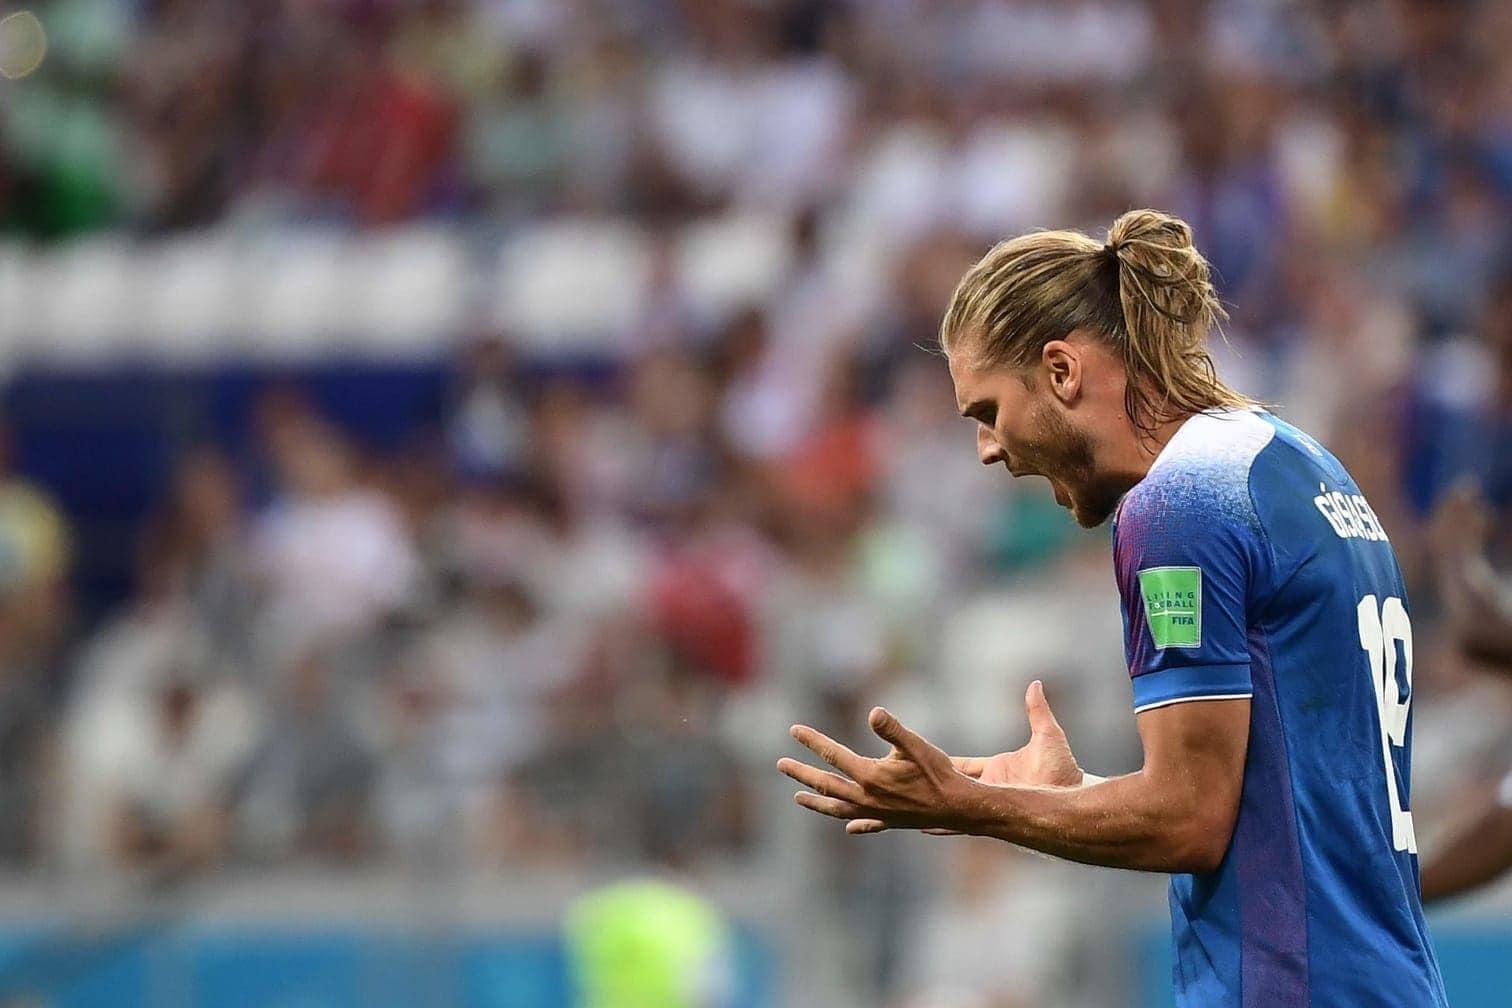 <p>Sieben Tage nach seinem WM-Debüt hat Islands Nationalspieler R&uacute;rik G&iacute;slason bei Instagram am Samstagabend die Marke von einer Million Follower geknackt.</p> Foto: AFP